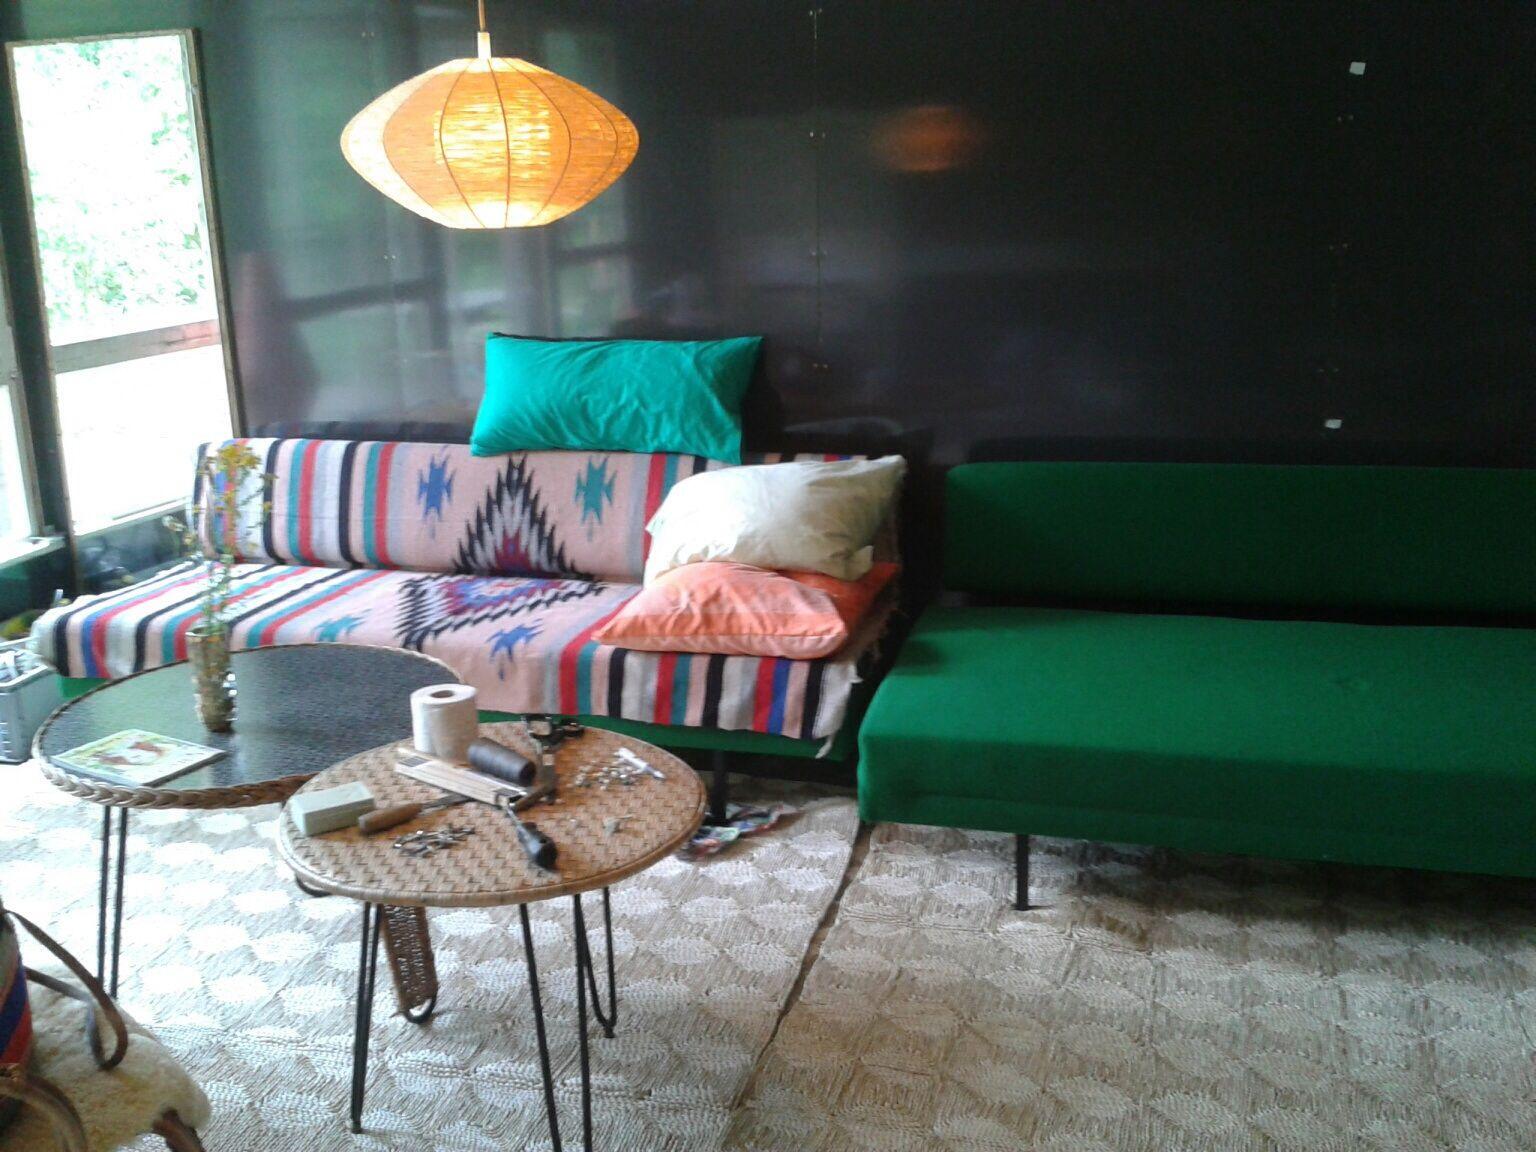 Garden house furniture interior style s green sofa sofa